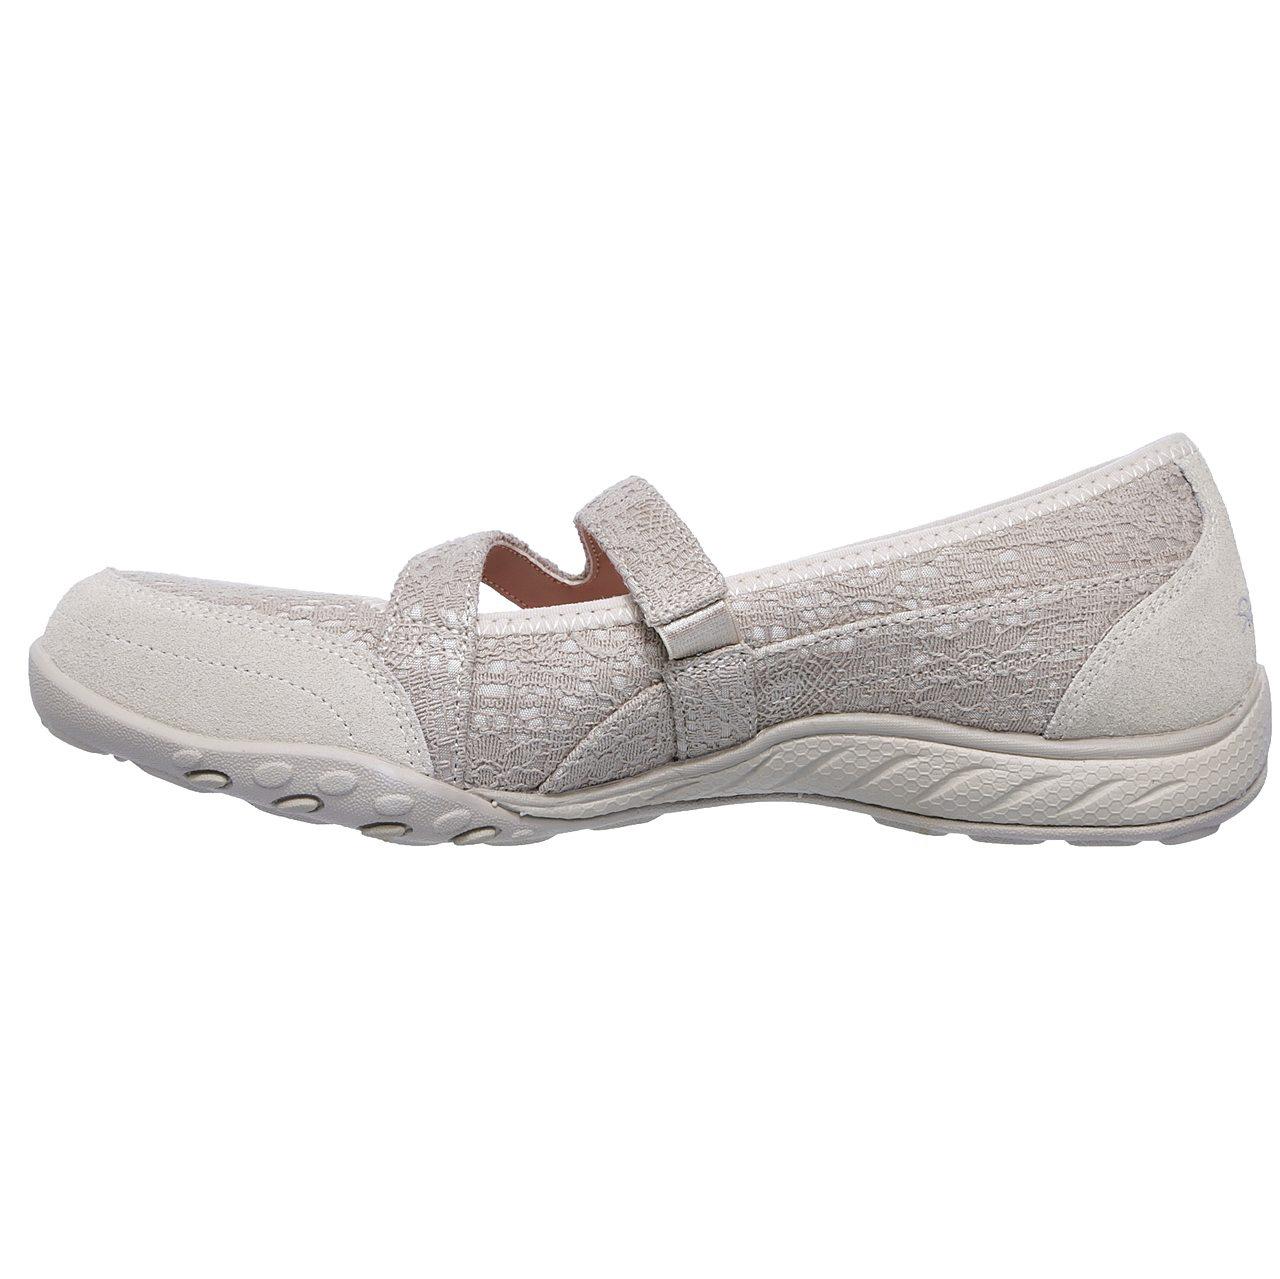 کفش مخصوص پیاده روی زنانه اسکچرز مدل MIRACLE 23098NAT